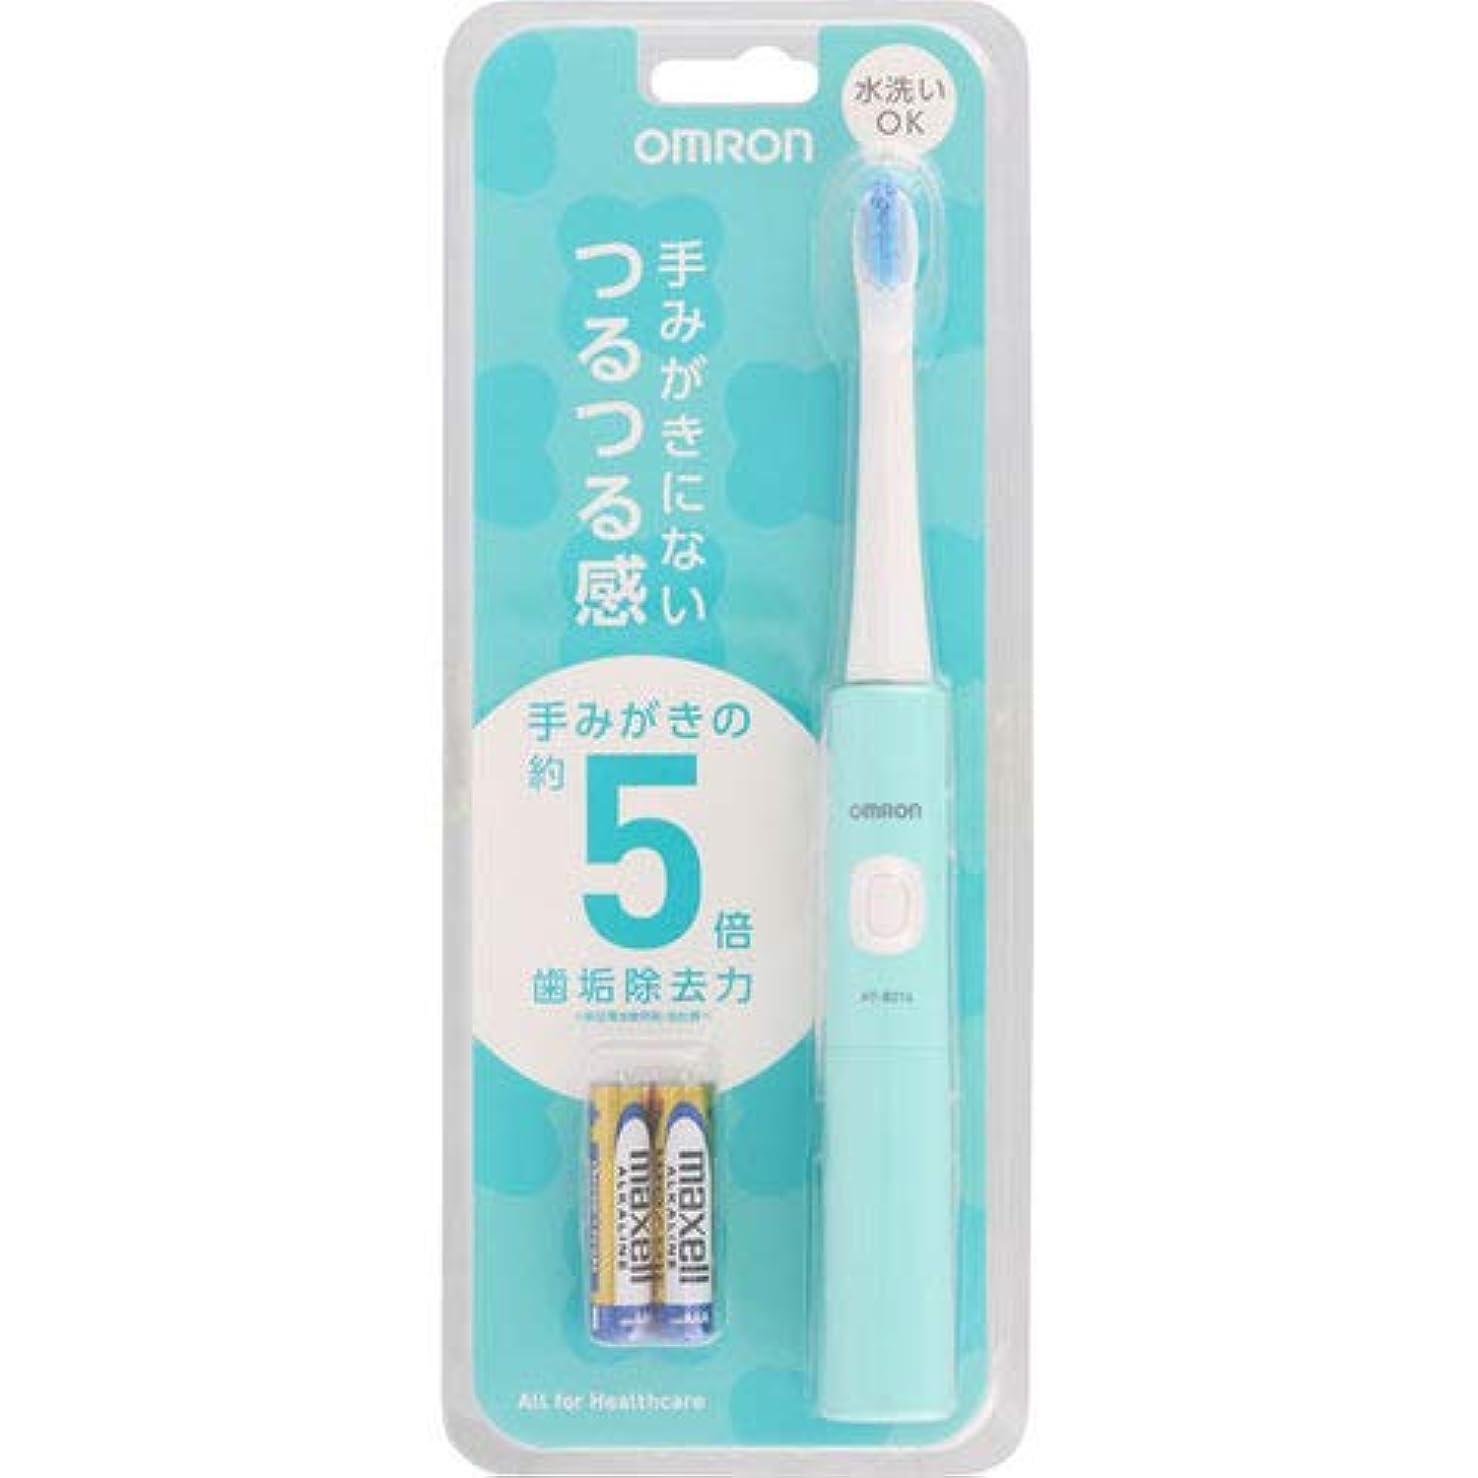 誰かかる文字オムロン 電動歯ブラシ HT-B214-G グリーン 電池式